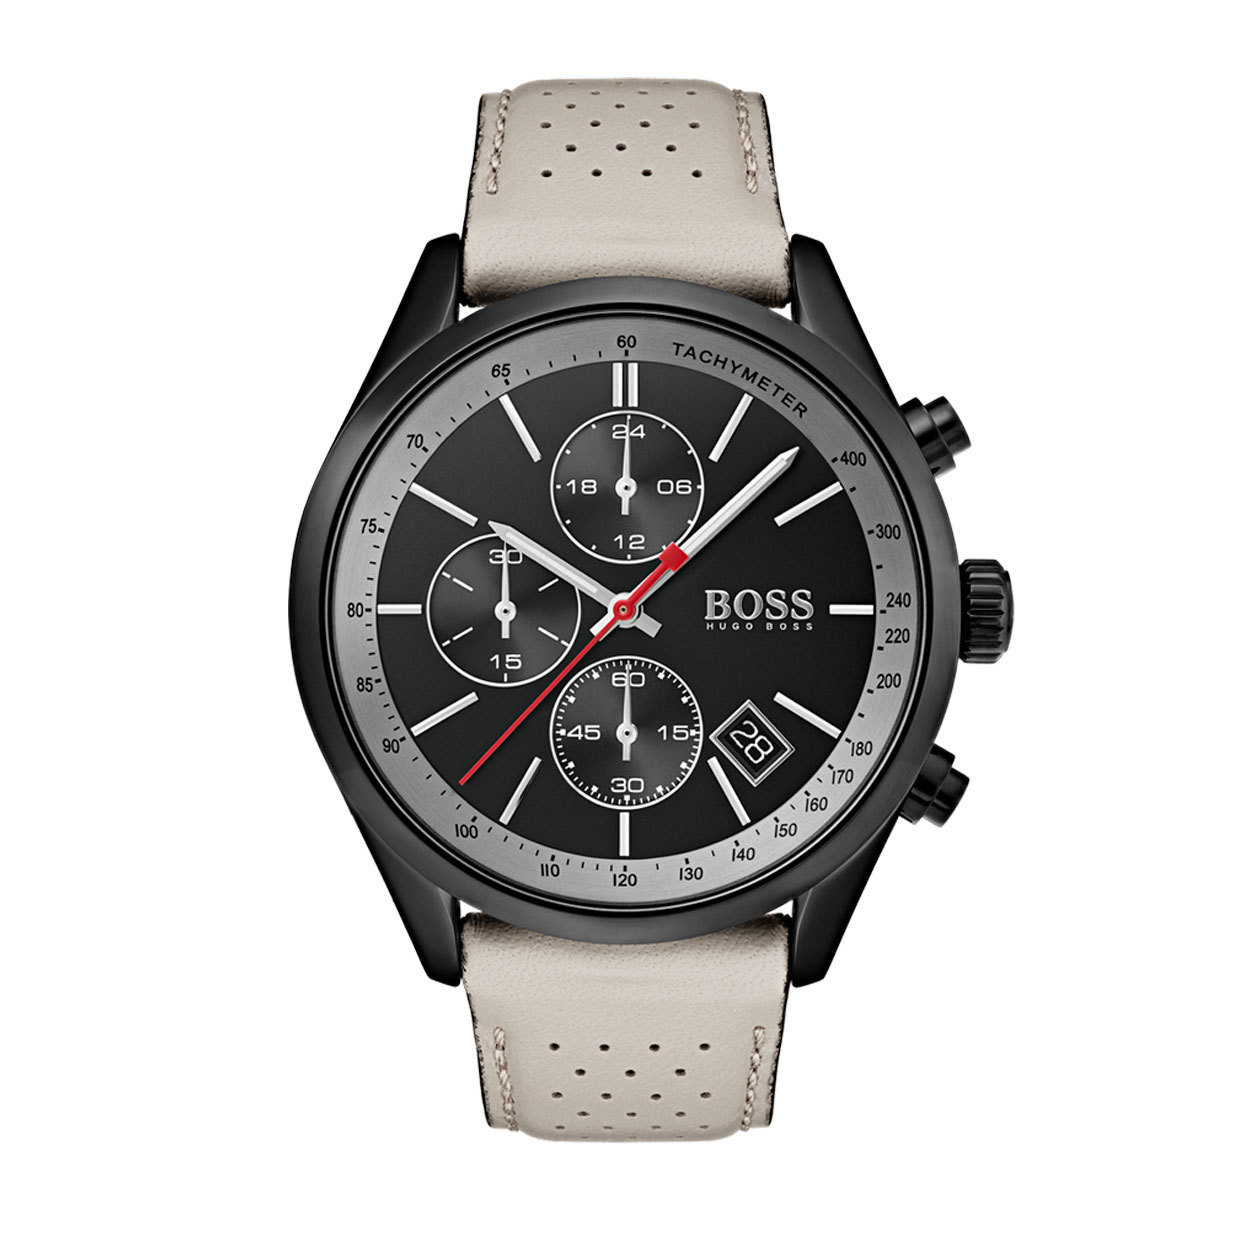 Hugo Boss HB1513562 Grand Prix Herenhorloge chrono 44 mm